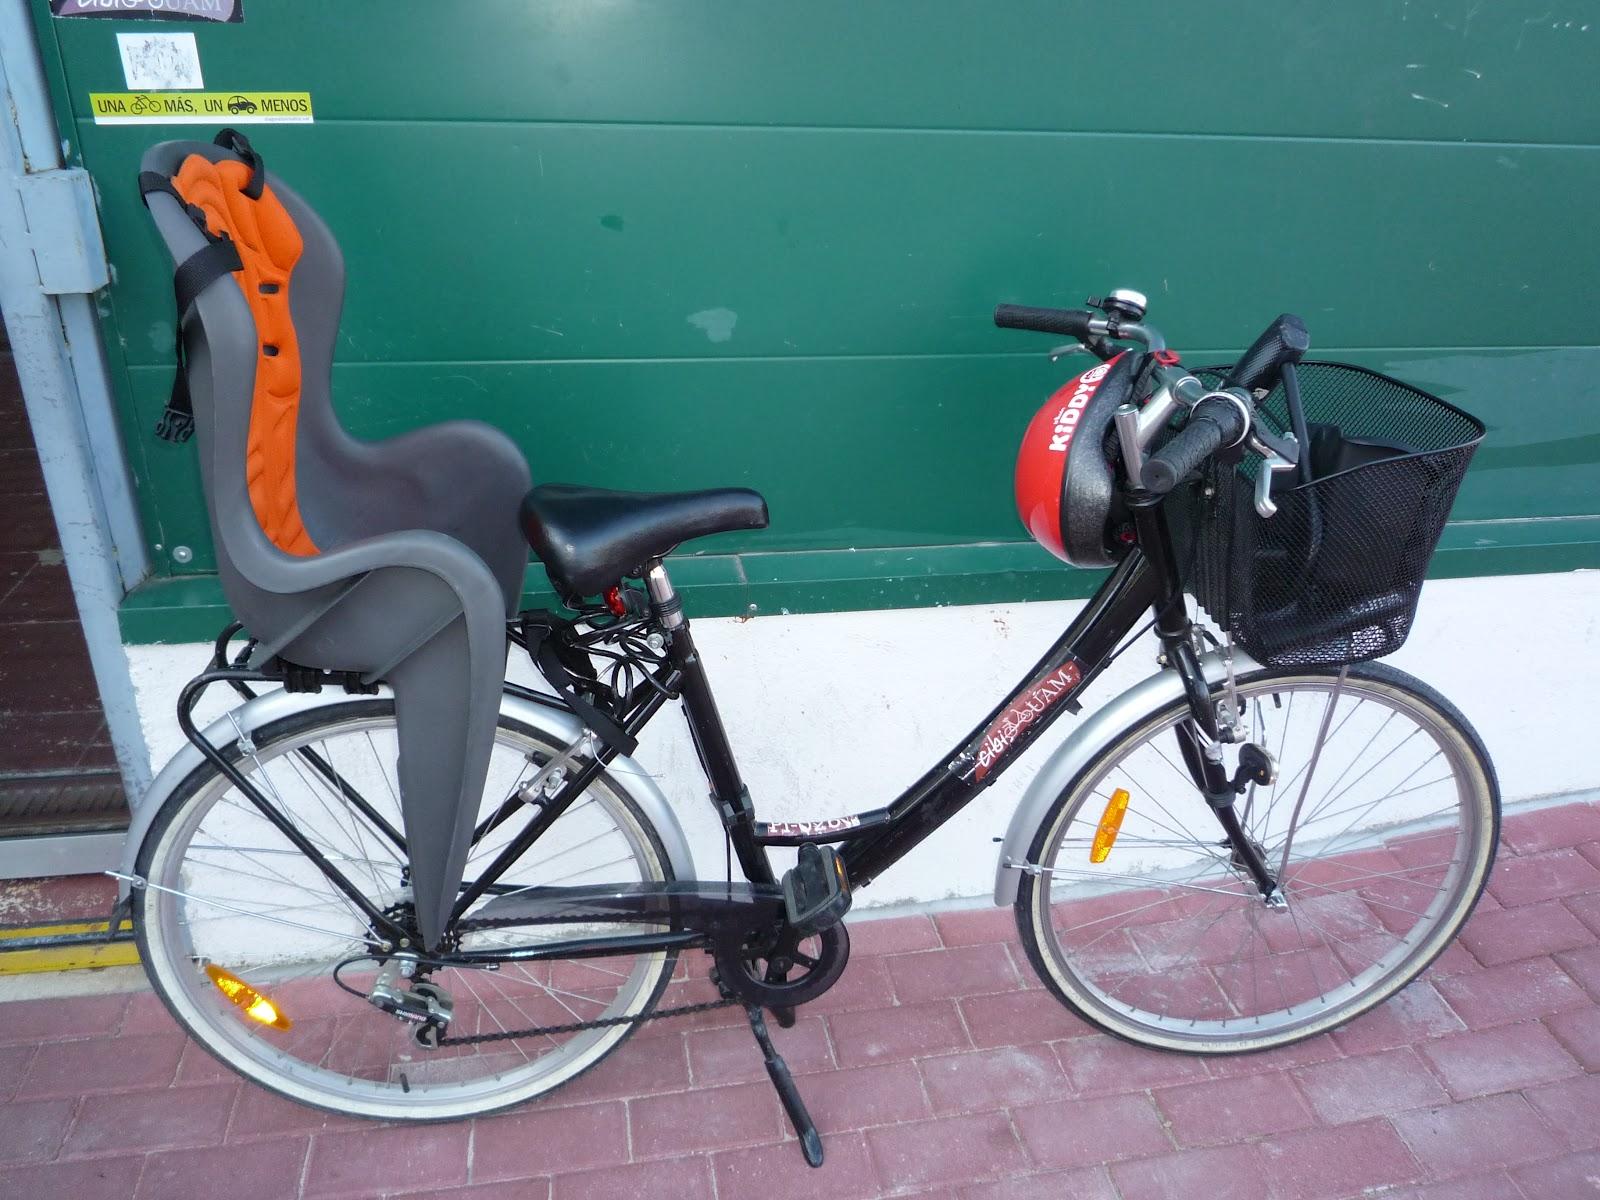 Silla Nino Bicicleta Of Cibiuam Bicicletas De Pr Stamo Con Silla Para Ni Os Y Ni As